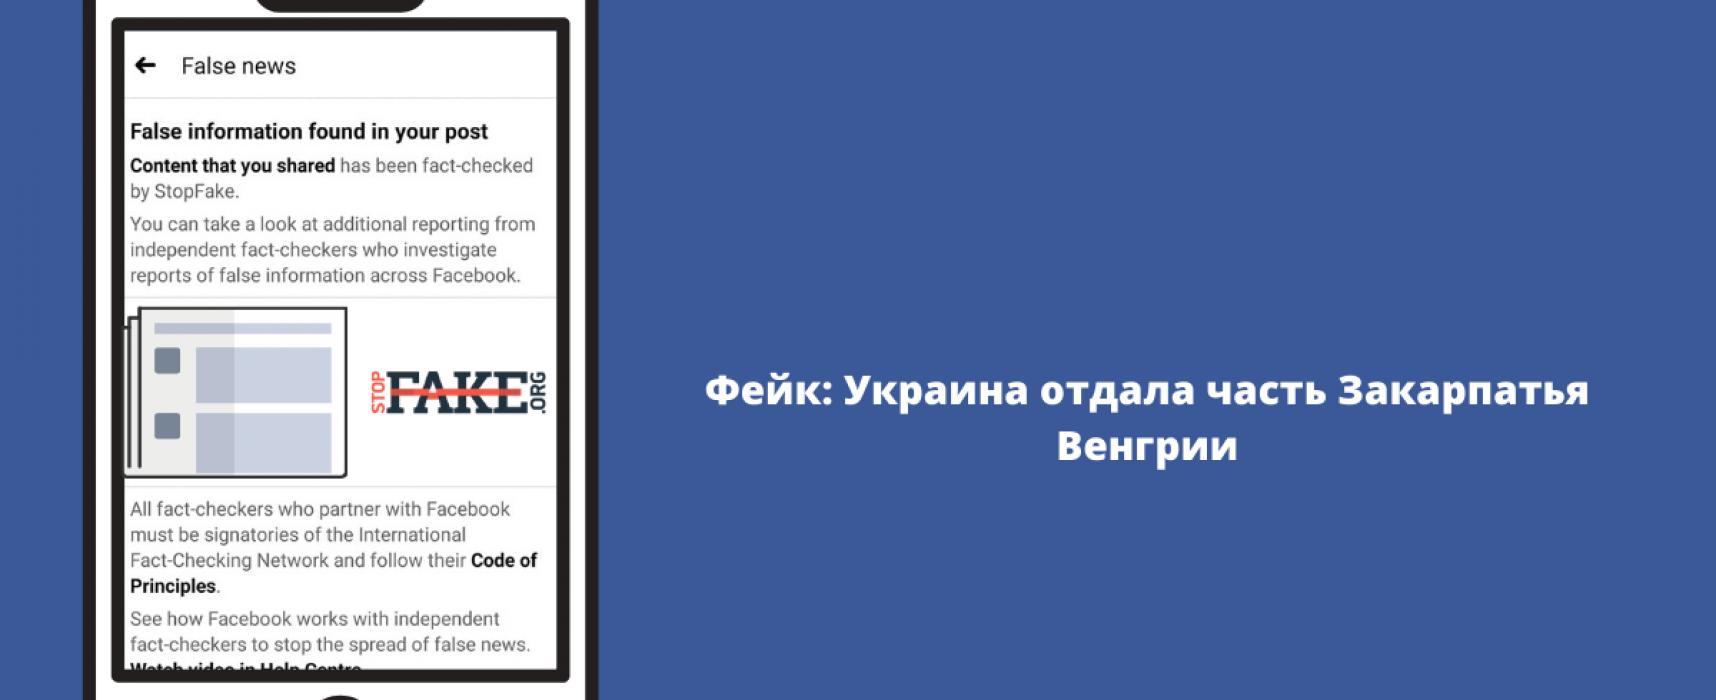 Фейк: Украина отдала часть Закарпатья Венгрии